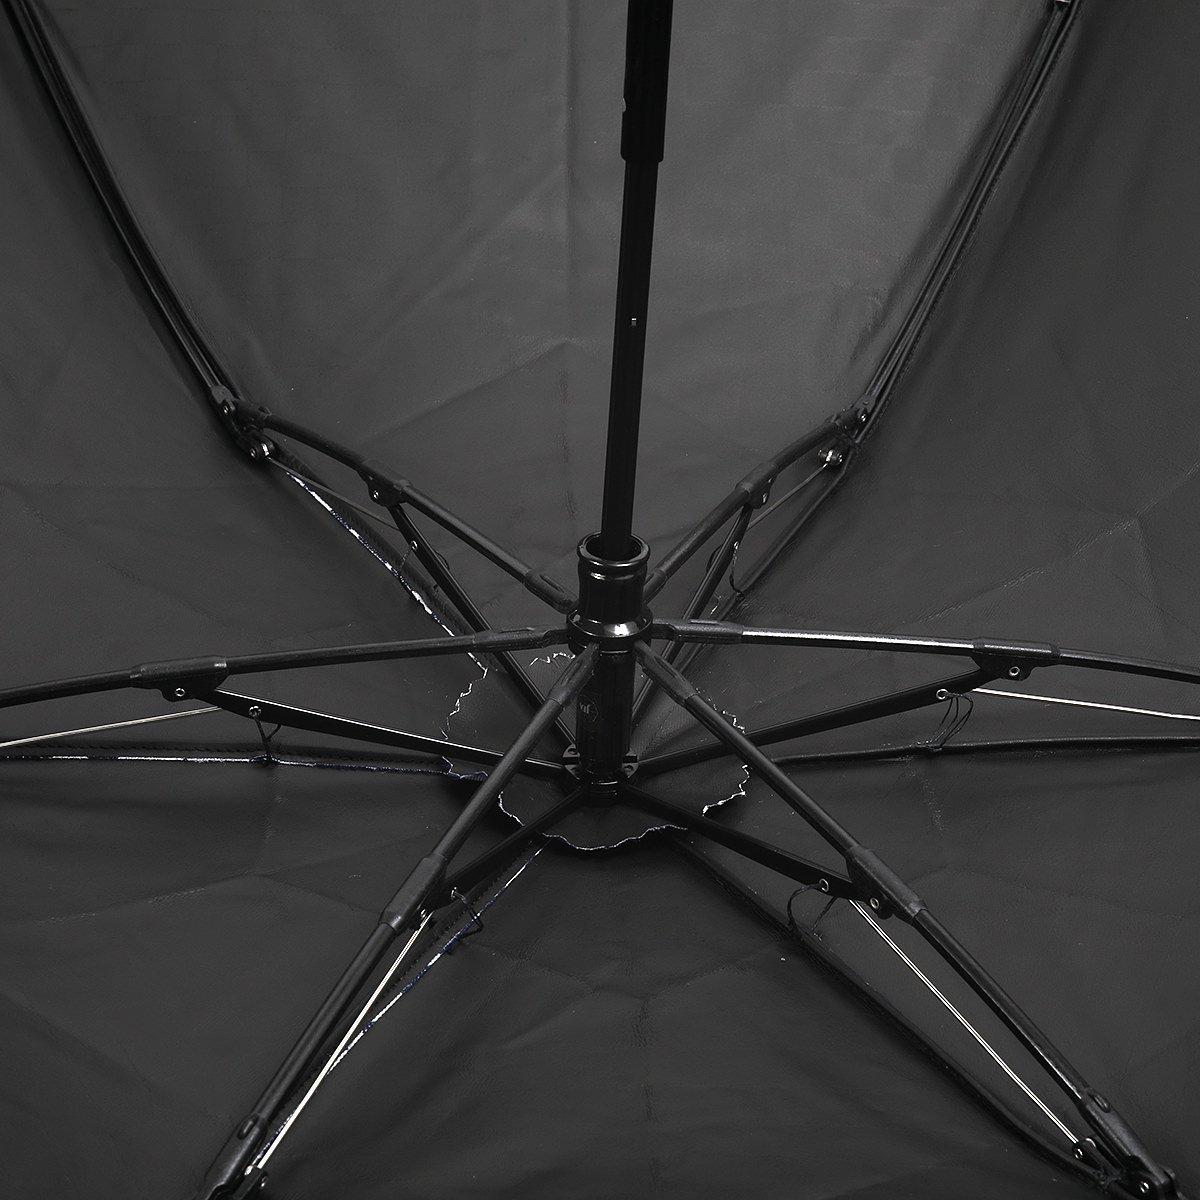 【一級遮光】チェッカー バンブー オールシーズン 折りたたみ 日傘 詳細画像7